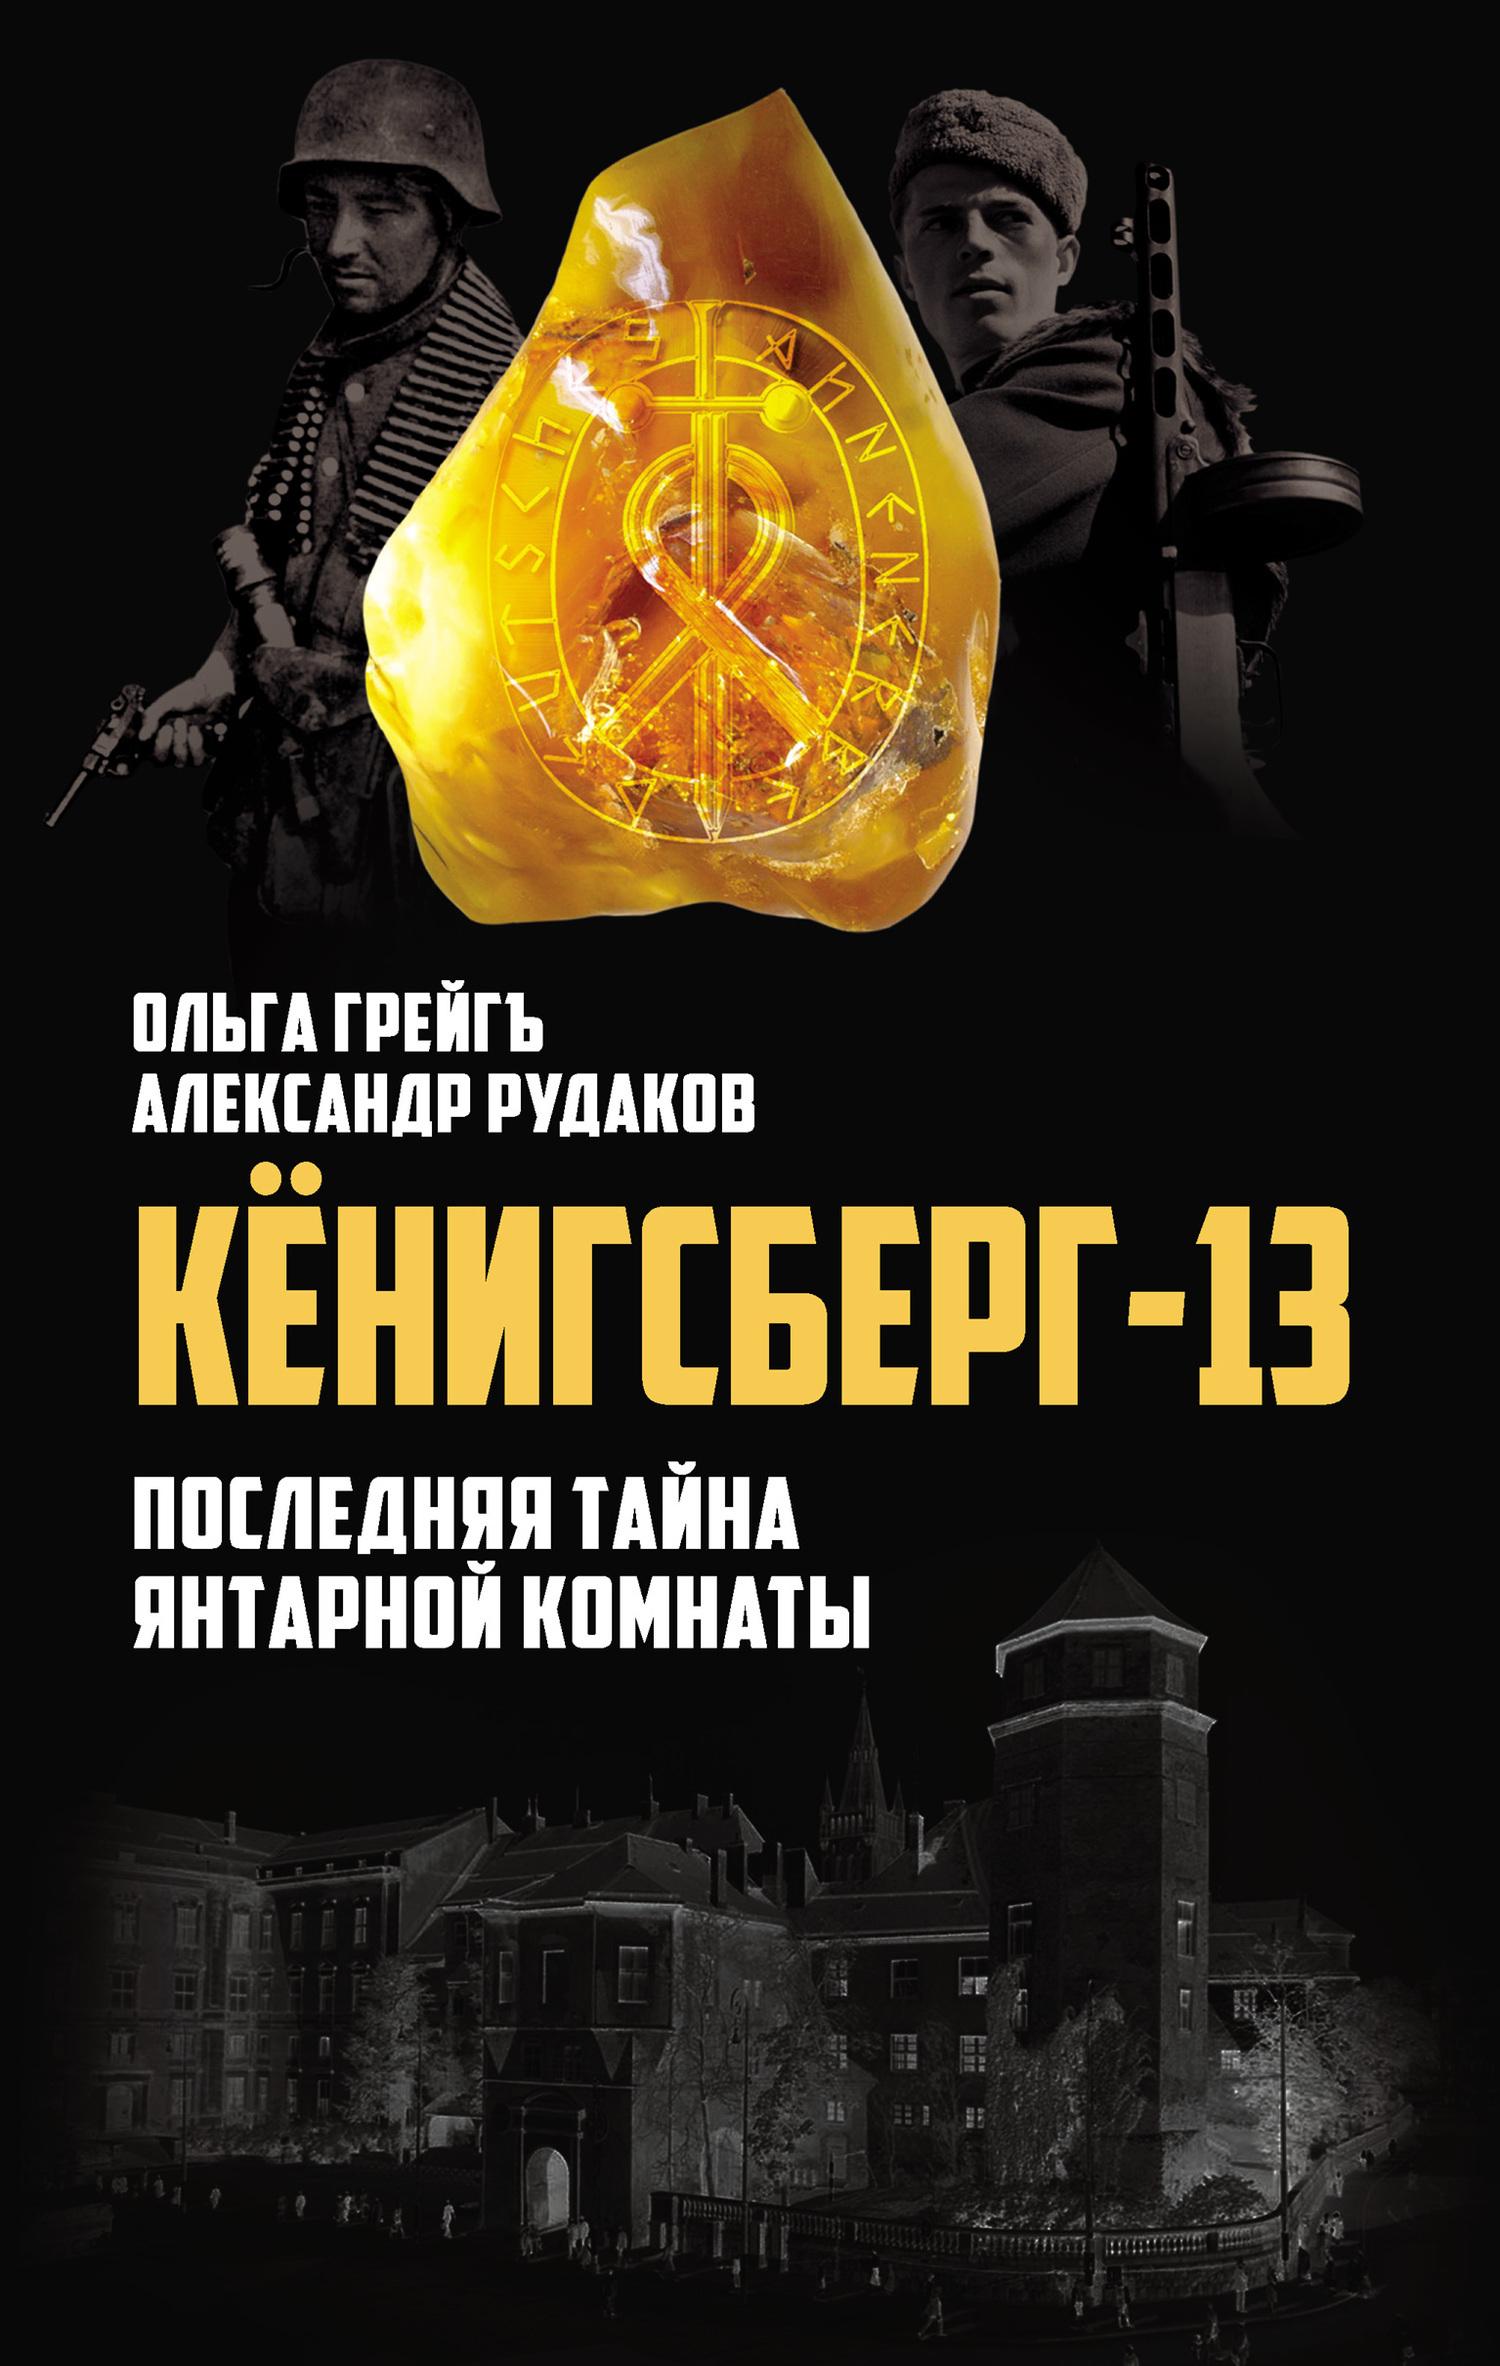 Ольга Грейгъ, Александр Рудаков - Кёнигсберг-13, или Последняя тайна янтарной комнаты